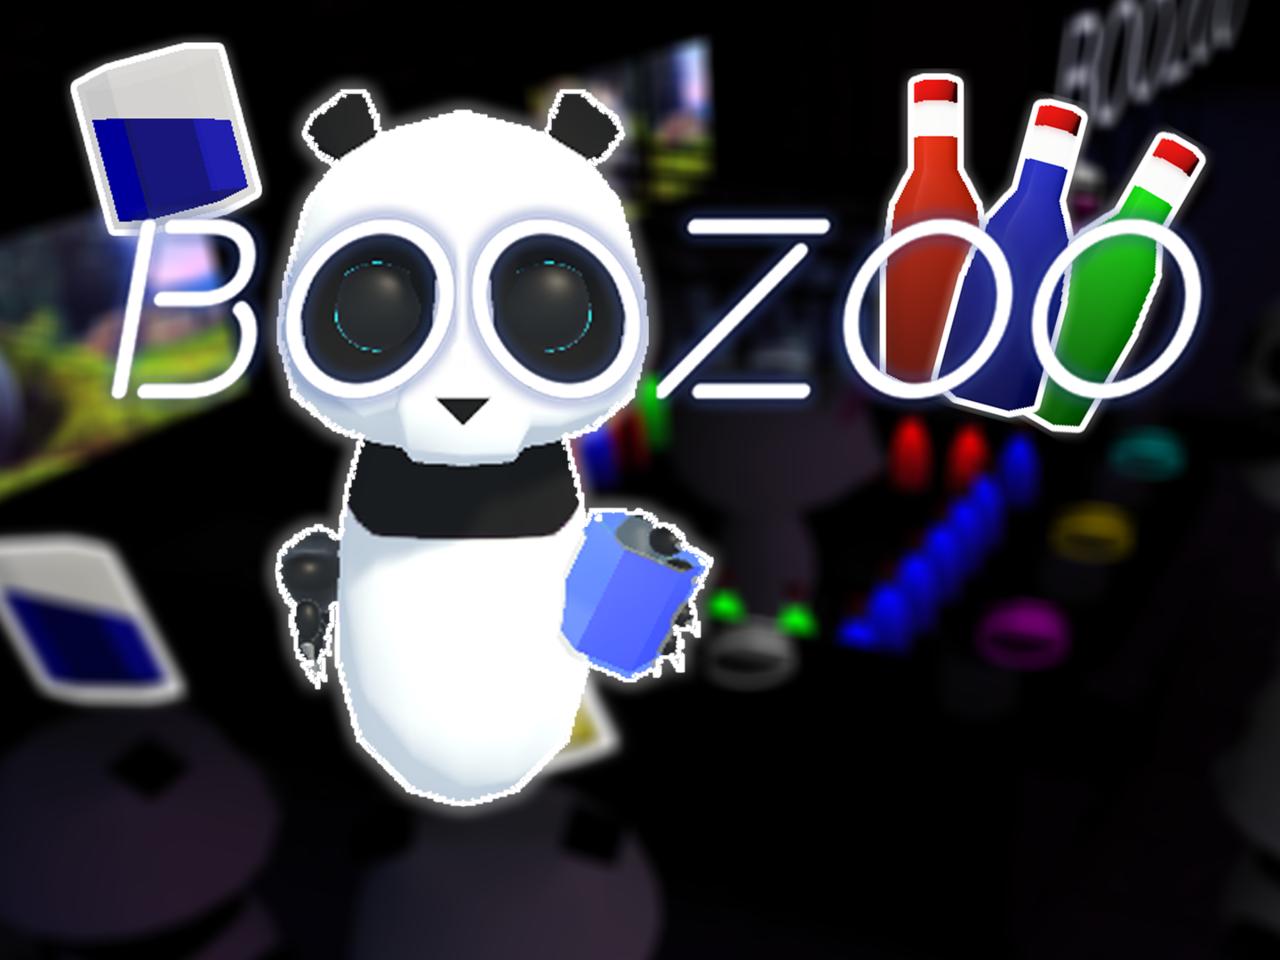 BooZoo